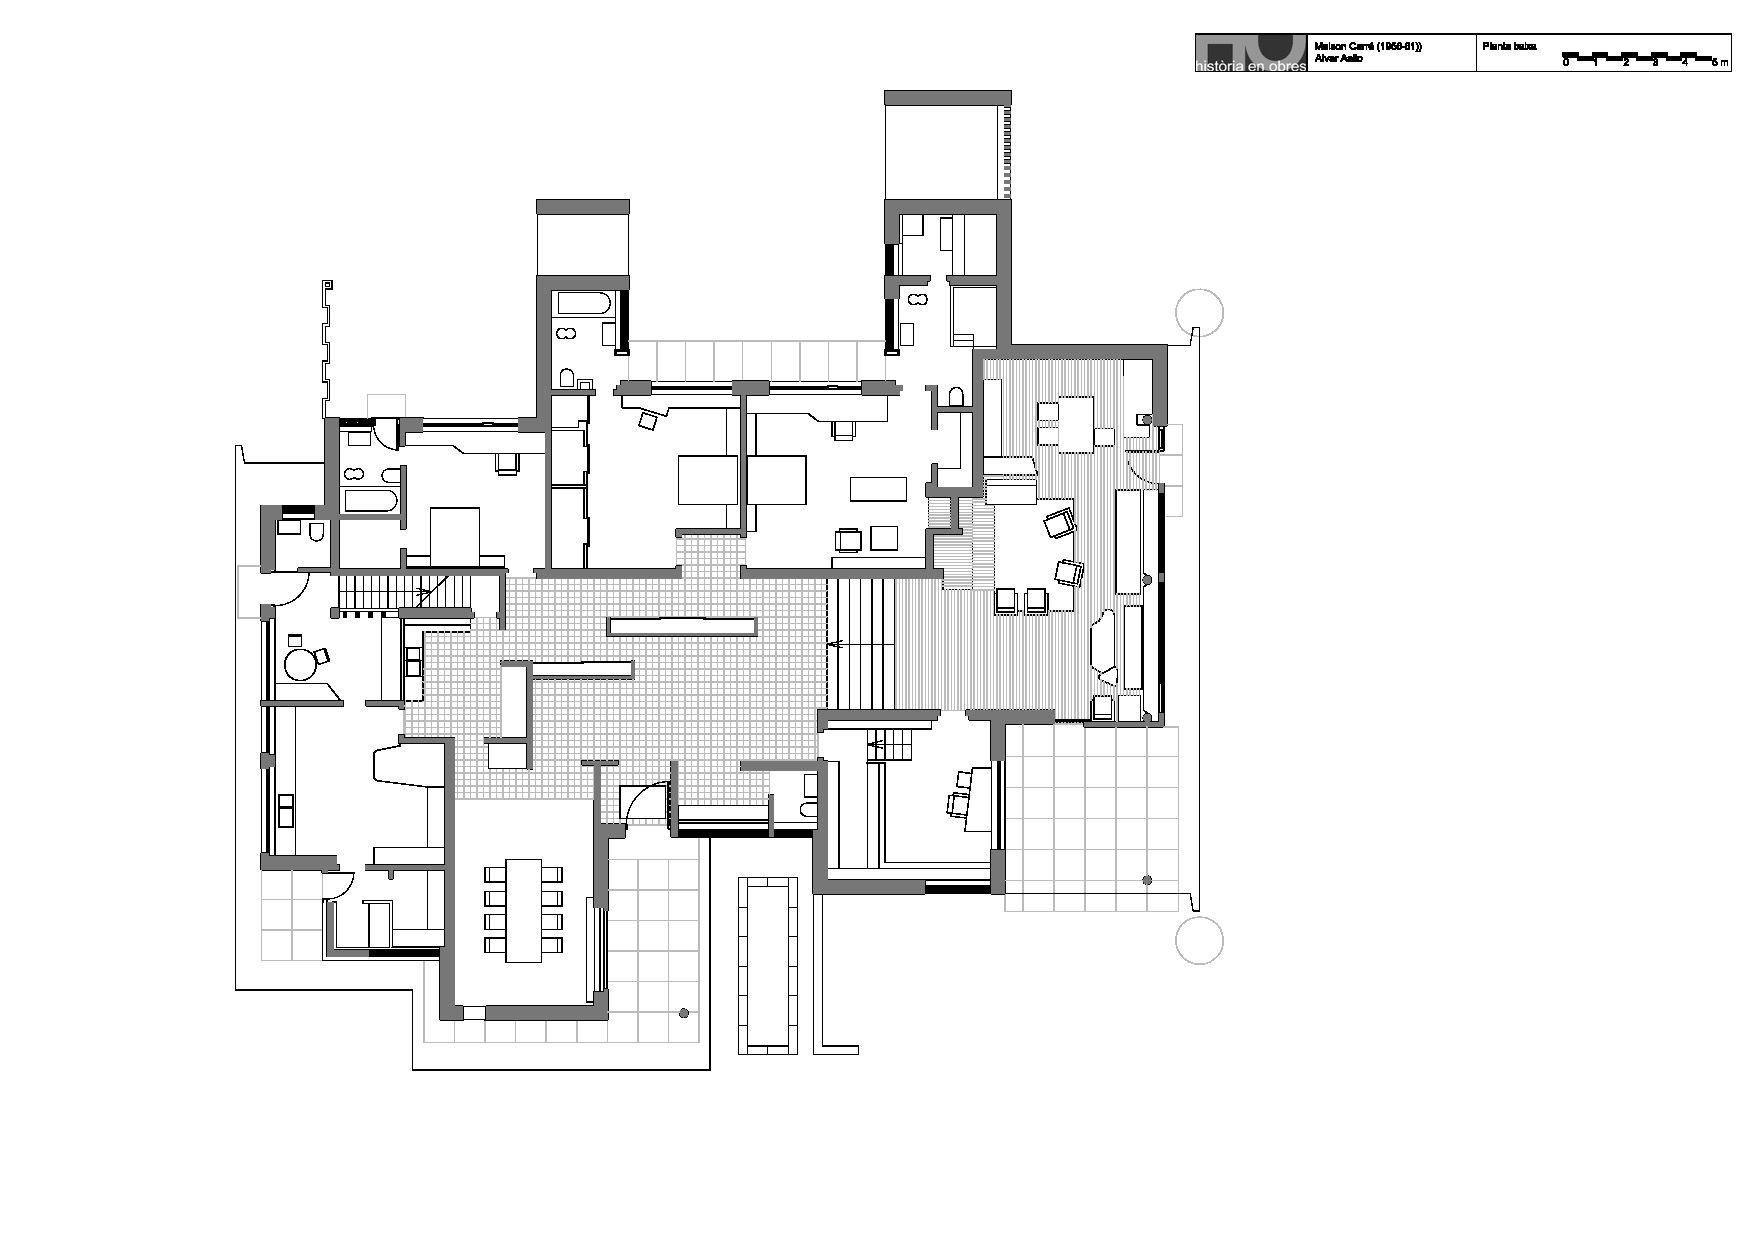 Maison louis carré urbipedia